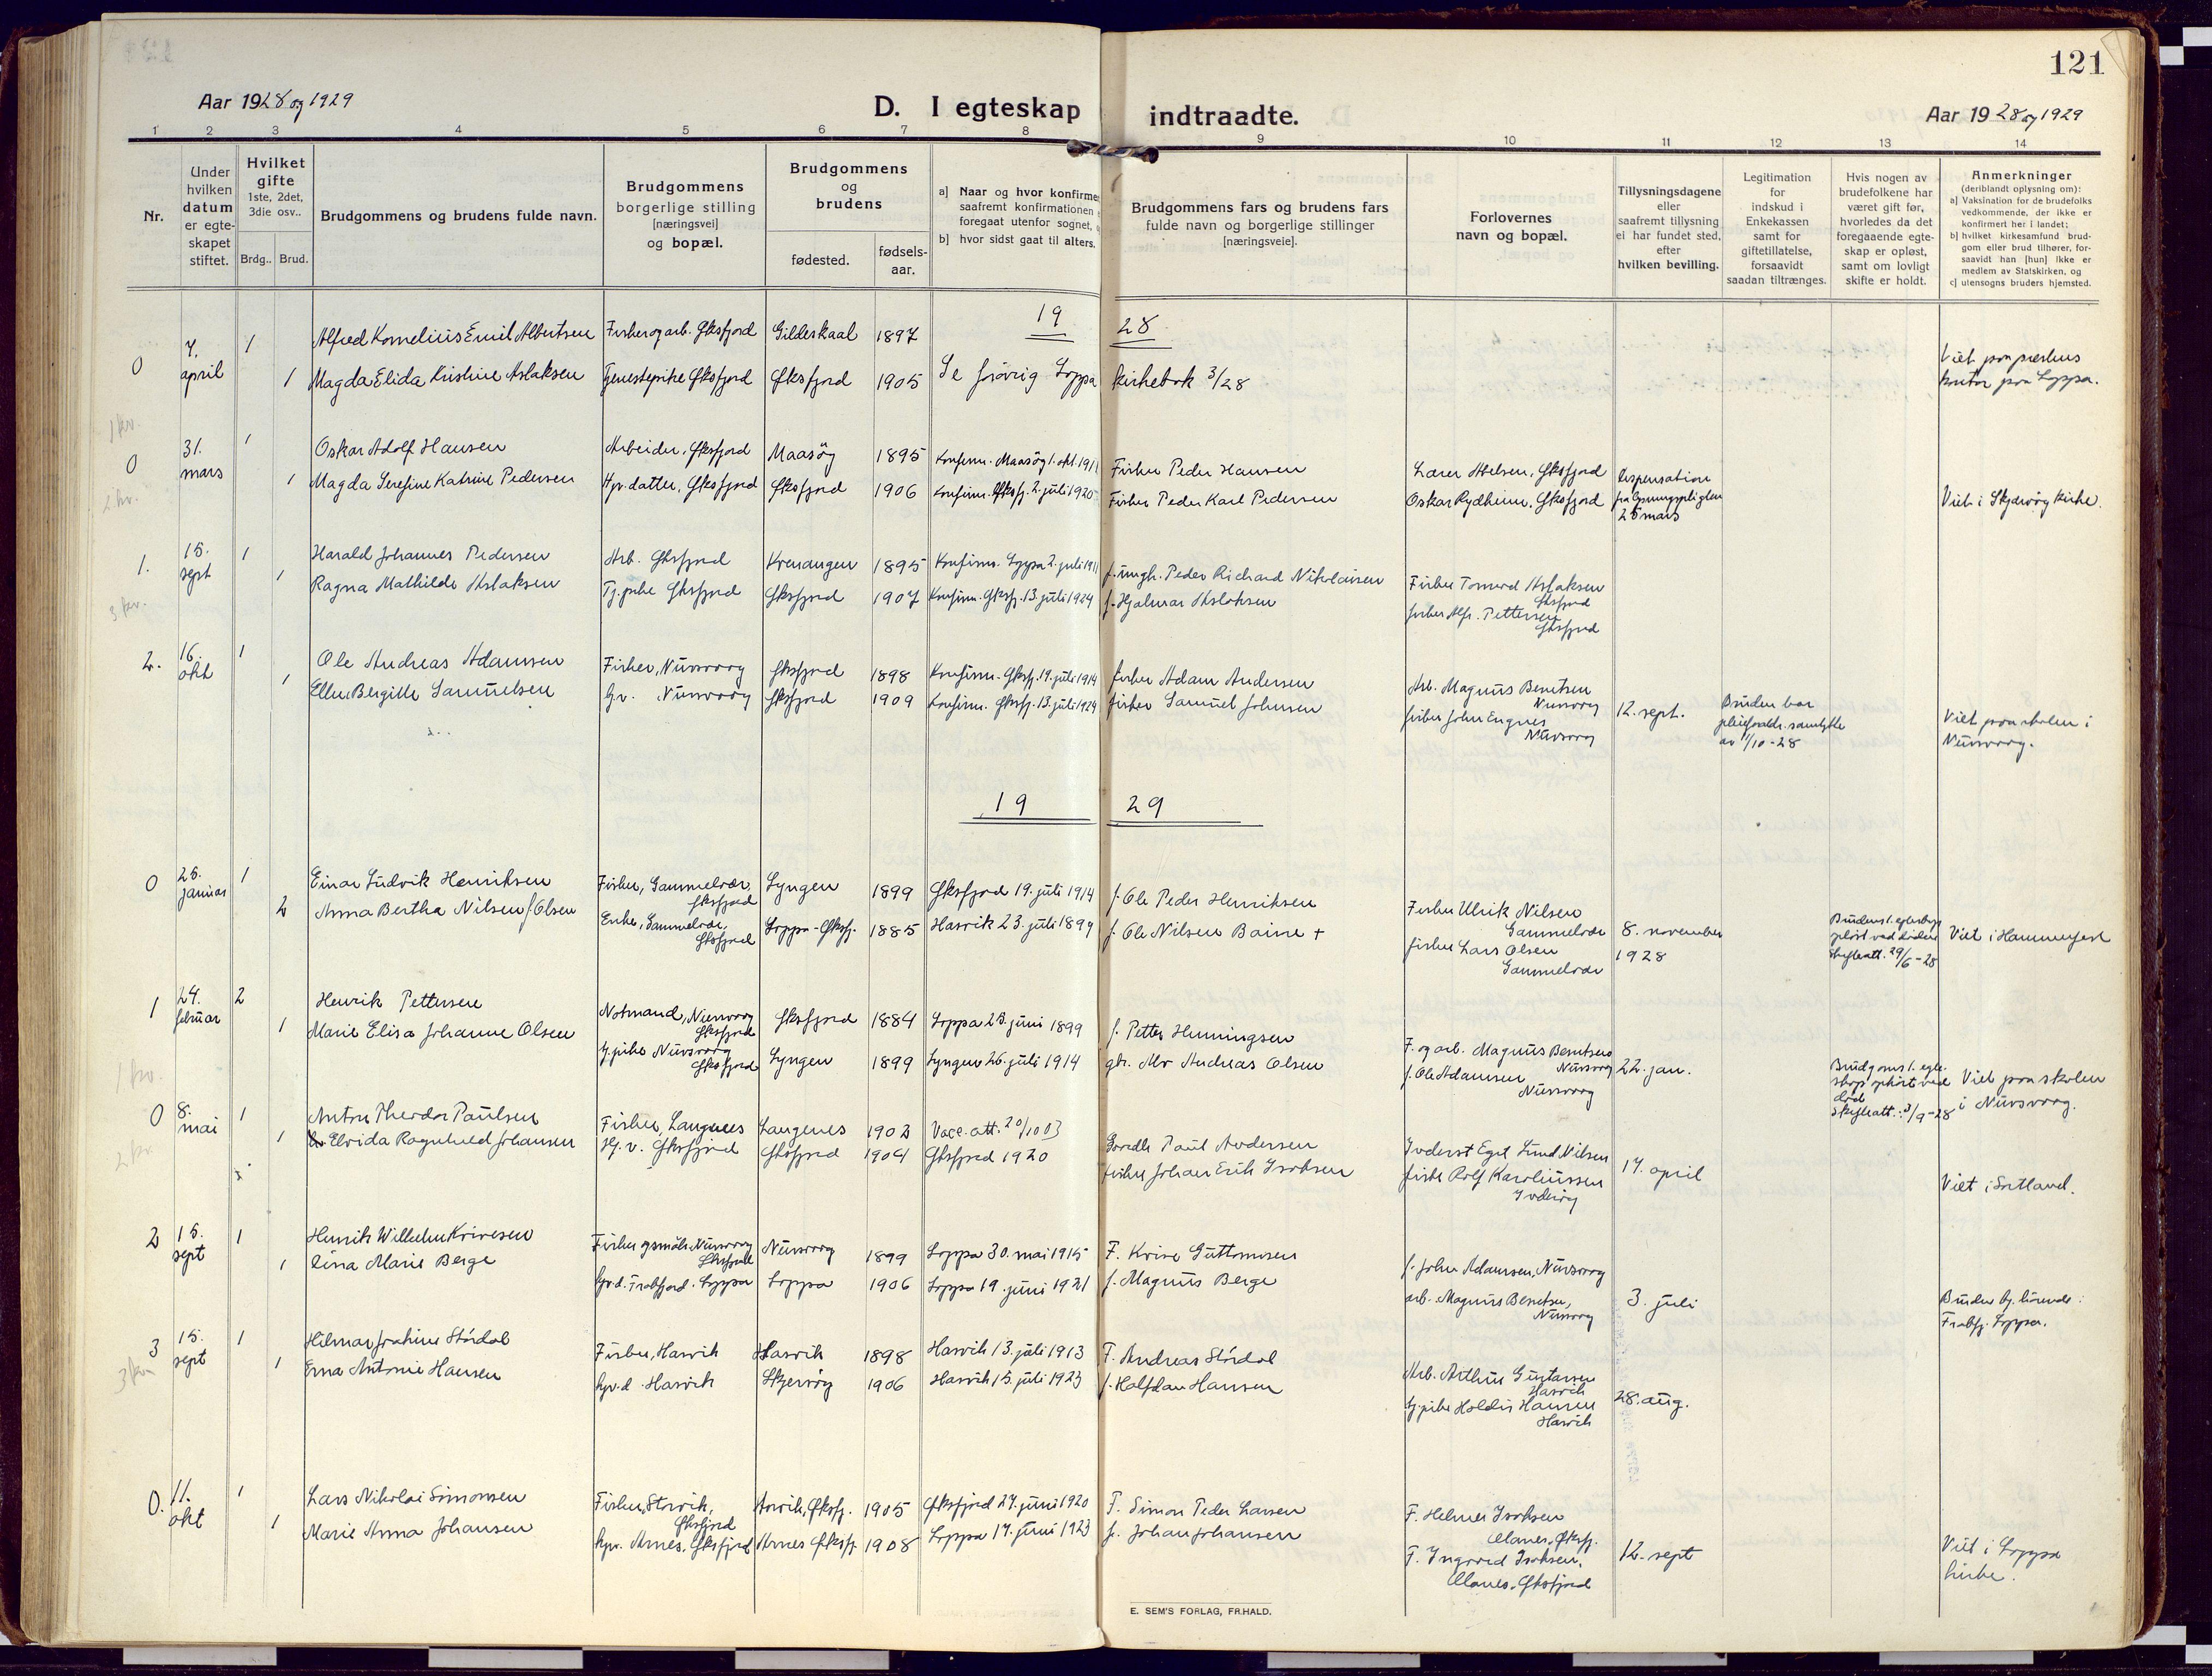 SATØ, Loppa sokneprestkontor, H/Ha/L0012kirke: Ministerialbok nr. 12, 1917-1932, s. 121